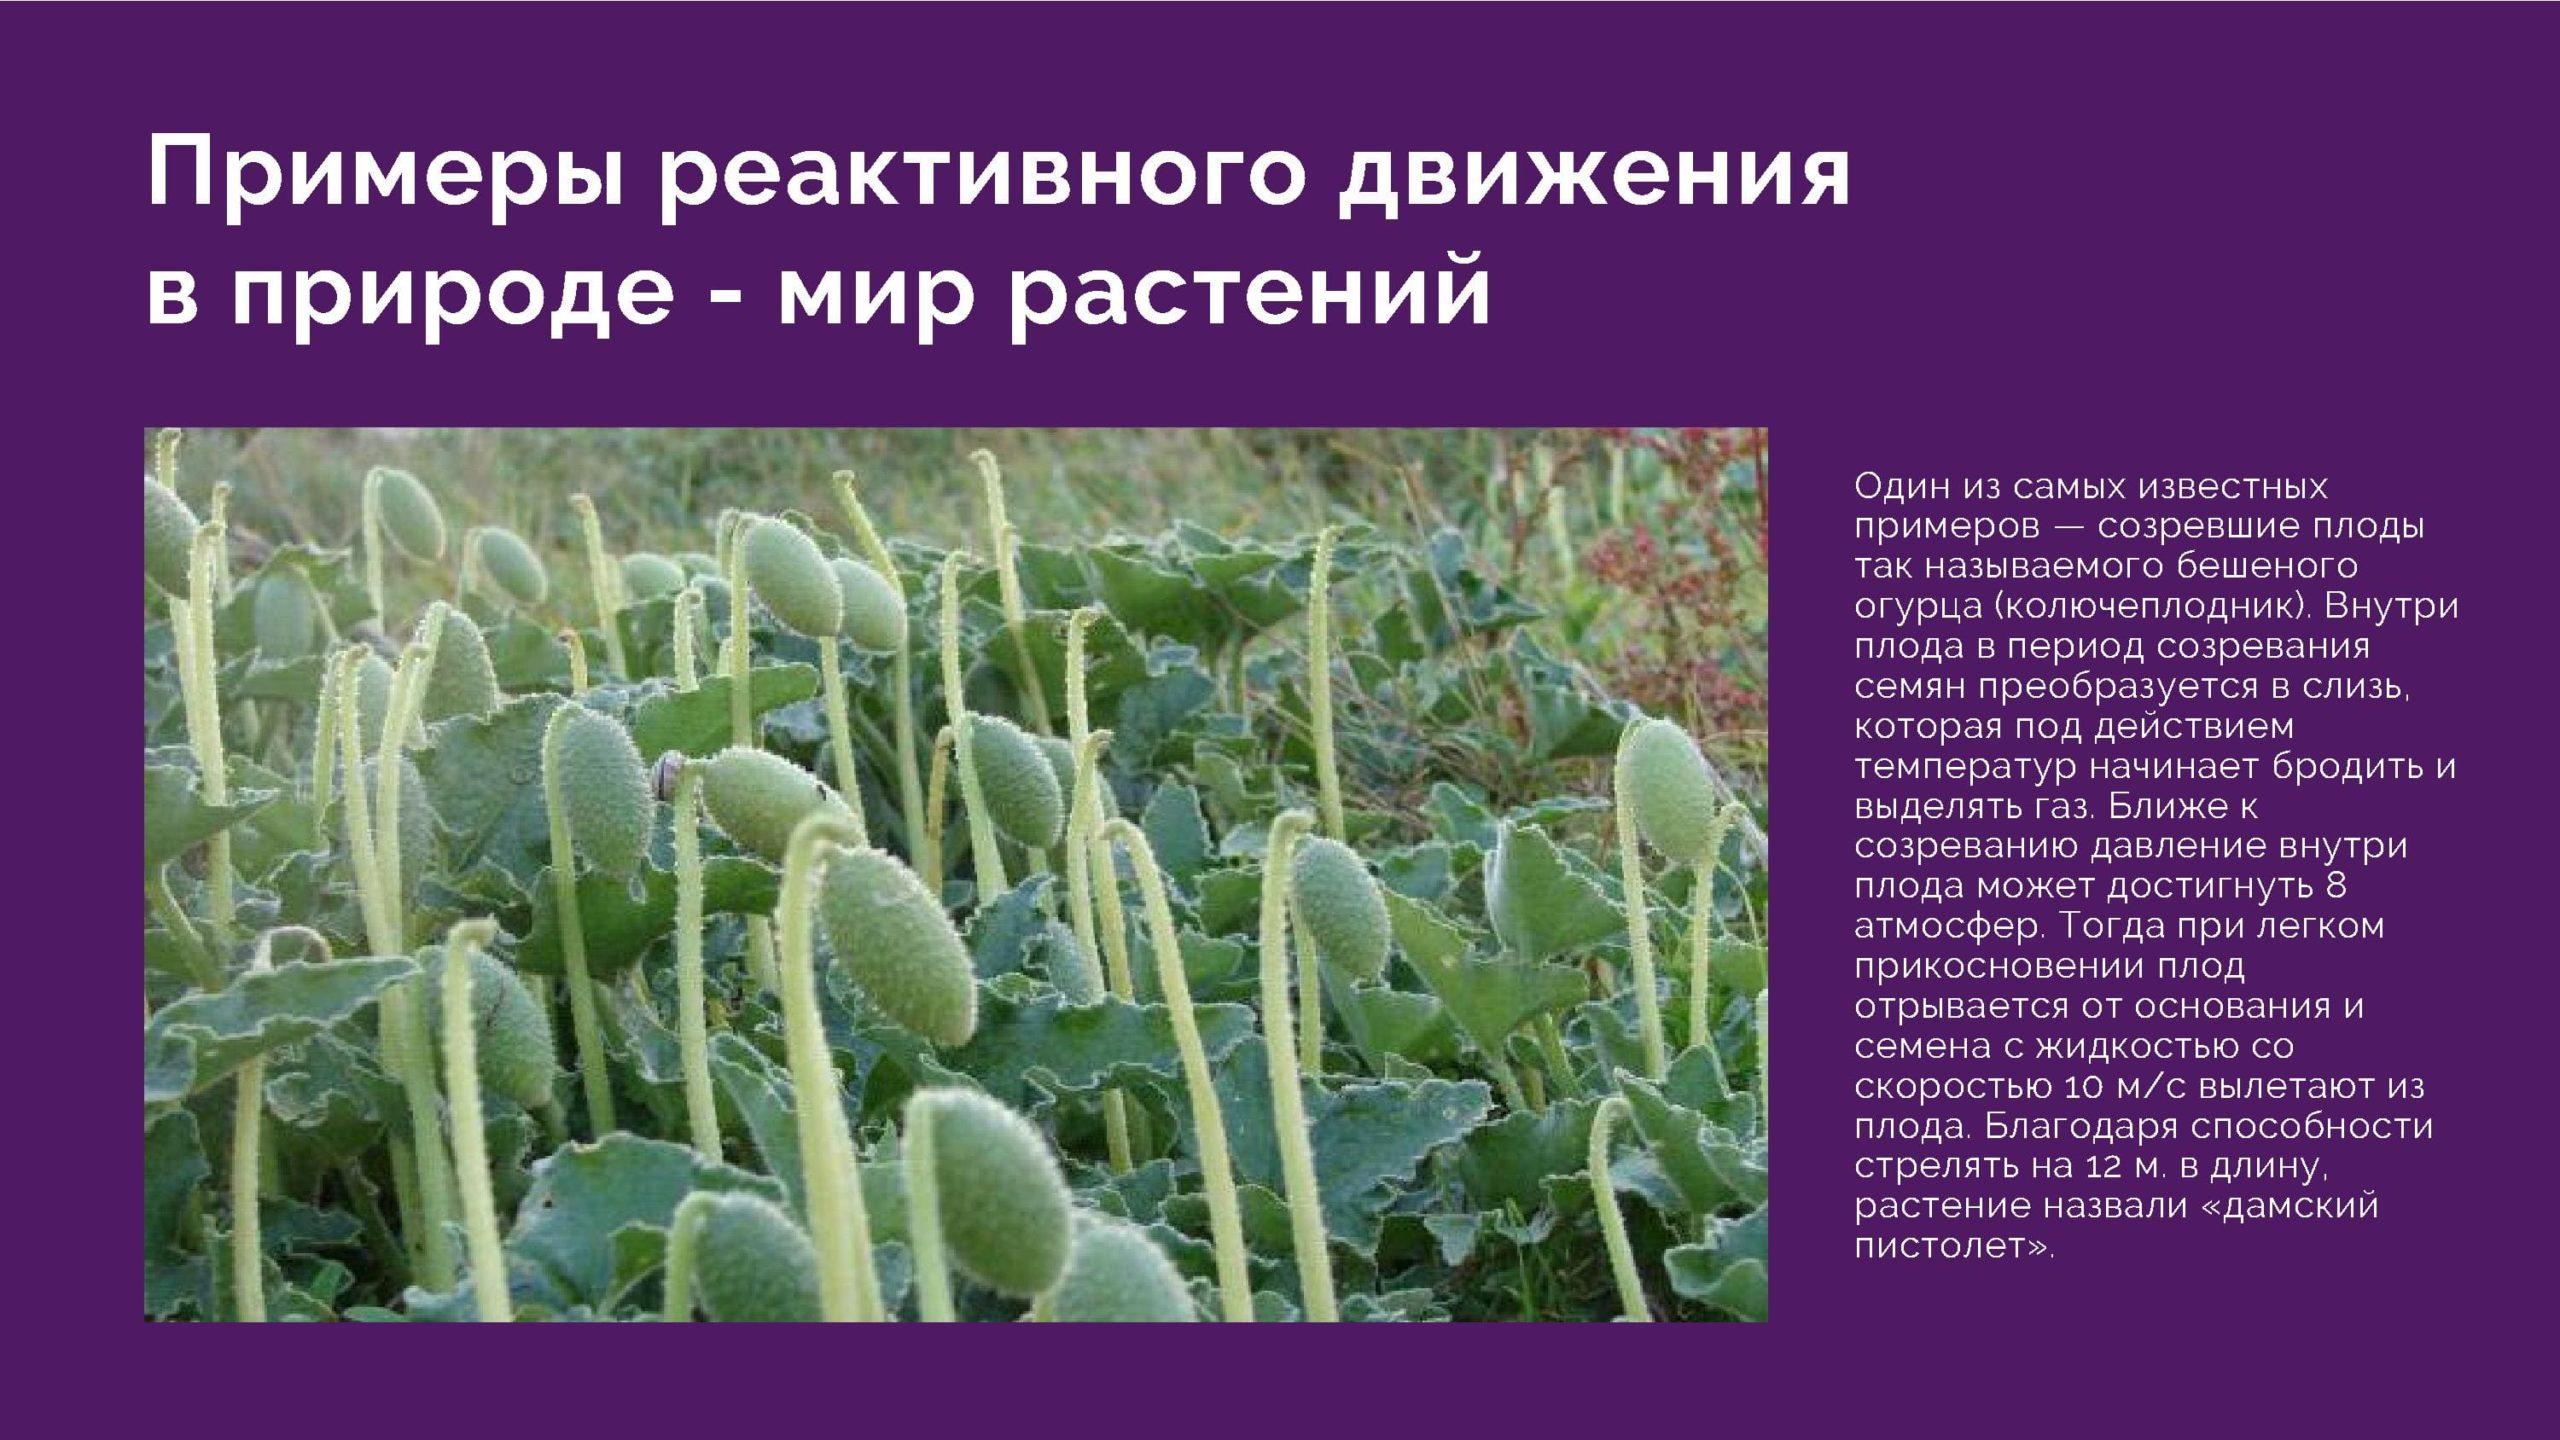 Примеры реактивного движения в природе- мир растений